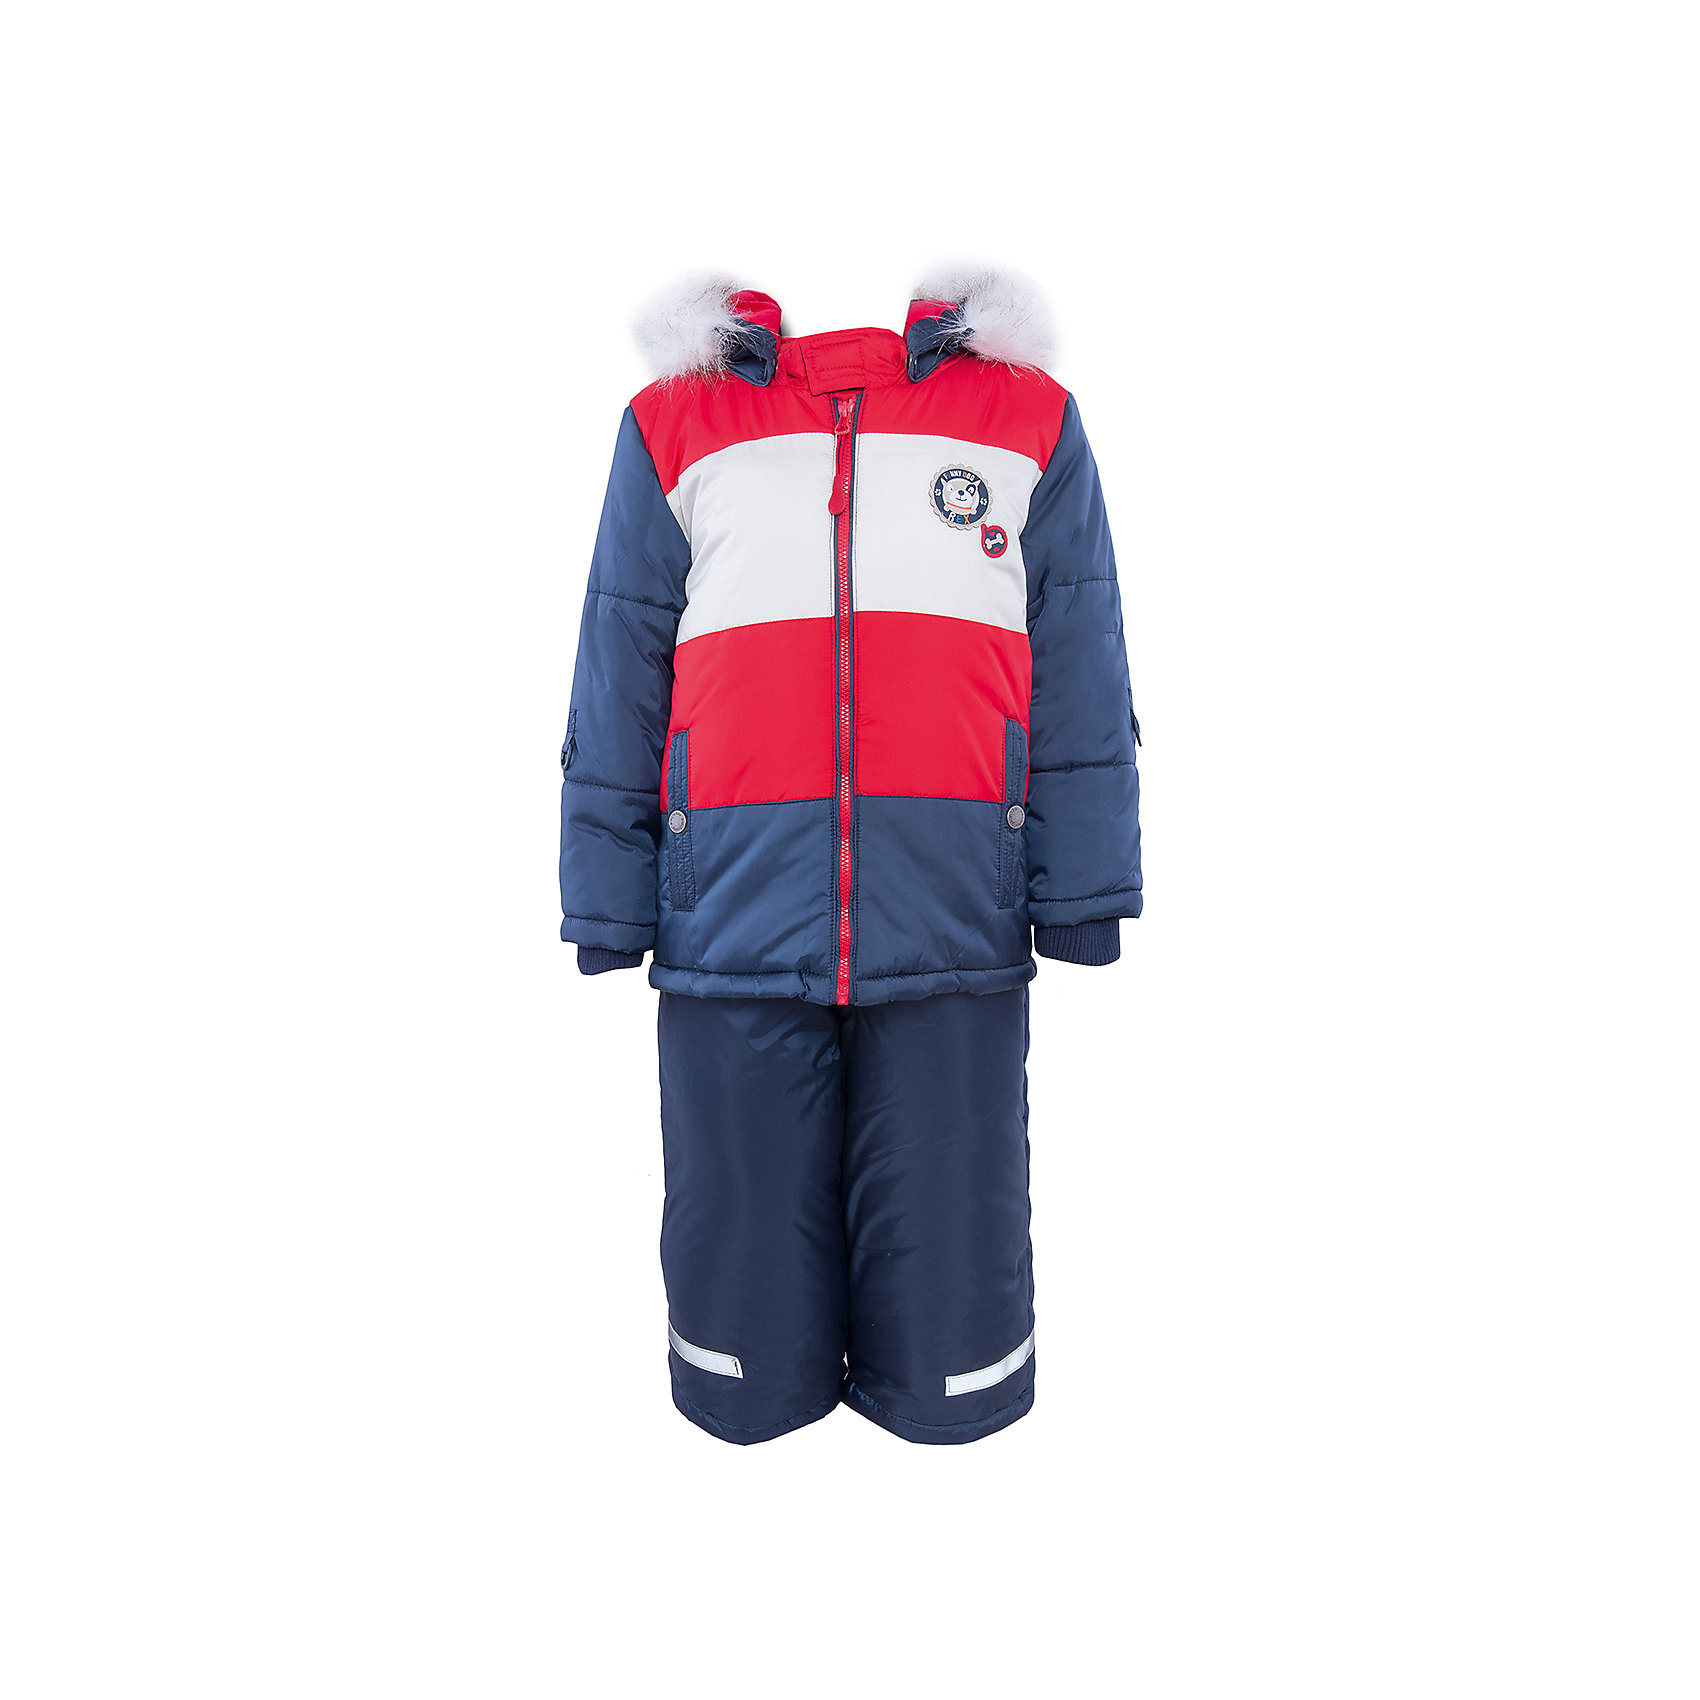 Комплект: куртка и полукомбинезон для мальчика PlayTodayКомплекты<br>Комплект: куртка и полукомбинезон для мальчика от известного бренда PlayToday.<br>Теплый комплект из стеганой куртки и полукомбинезона. <br>Куртка застегивается на молнию. Внутри уютная велюровая подкладка. Рукава на мягкой трикотажной резинке для защиты от ветра. Есть два функциональных кармана на кнопках и светоотражатели. Внизу есть специальная вставка на резинке, пристегнув которую вы надежно защитите малыша от снега.<br>Полукомбинезон застегивается на молнию. Бретели регулируются по длине, низ штанишек утягивается стопперами. Внутри мягкая велюровая подкладка.  Двойной низ - с<br>Состав:<br>Верх: 100% полиэстер, подкладка: 80% хлопок, 20% полиэстер, Утеплитель 100% полиэстер, 300 г/м2<br><br>Ширина мм: 157<br>Глубина мм: 13<br>Высота мм: 119<br>Вес г: 200<br>Цвет: разноцветный<br>Возраст от месяцев: 18<br>Возраст до месяцев: 24<br>Пол: Мужской<br>Возраст: Детский<br>Размер: 92,74,80,86<br>SKU: 4900870